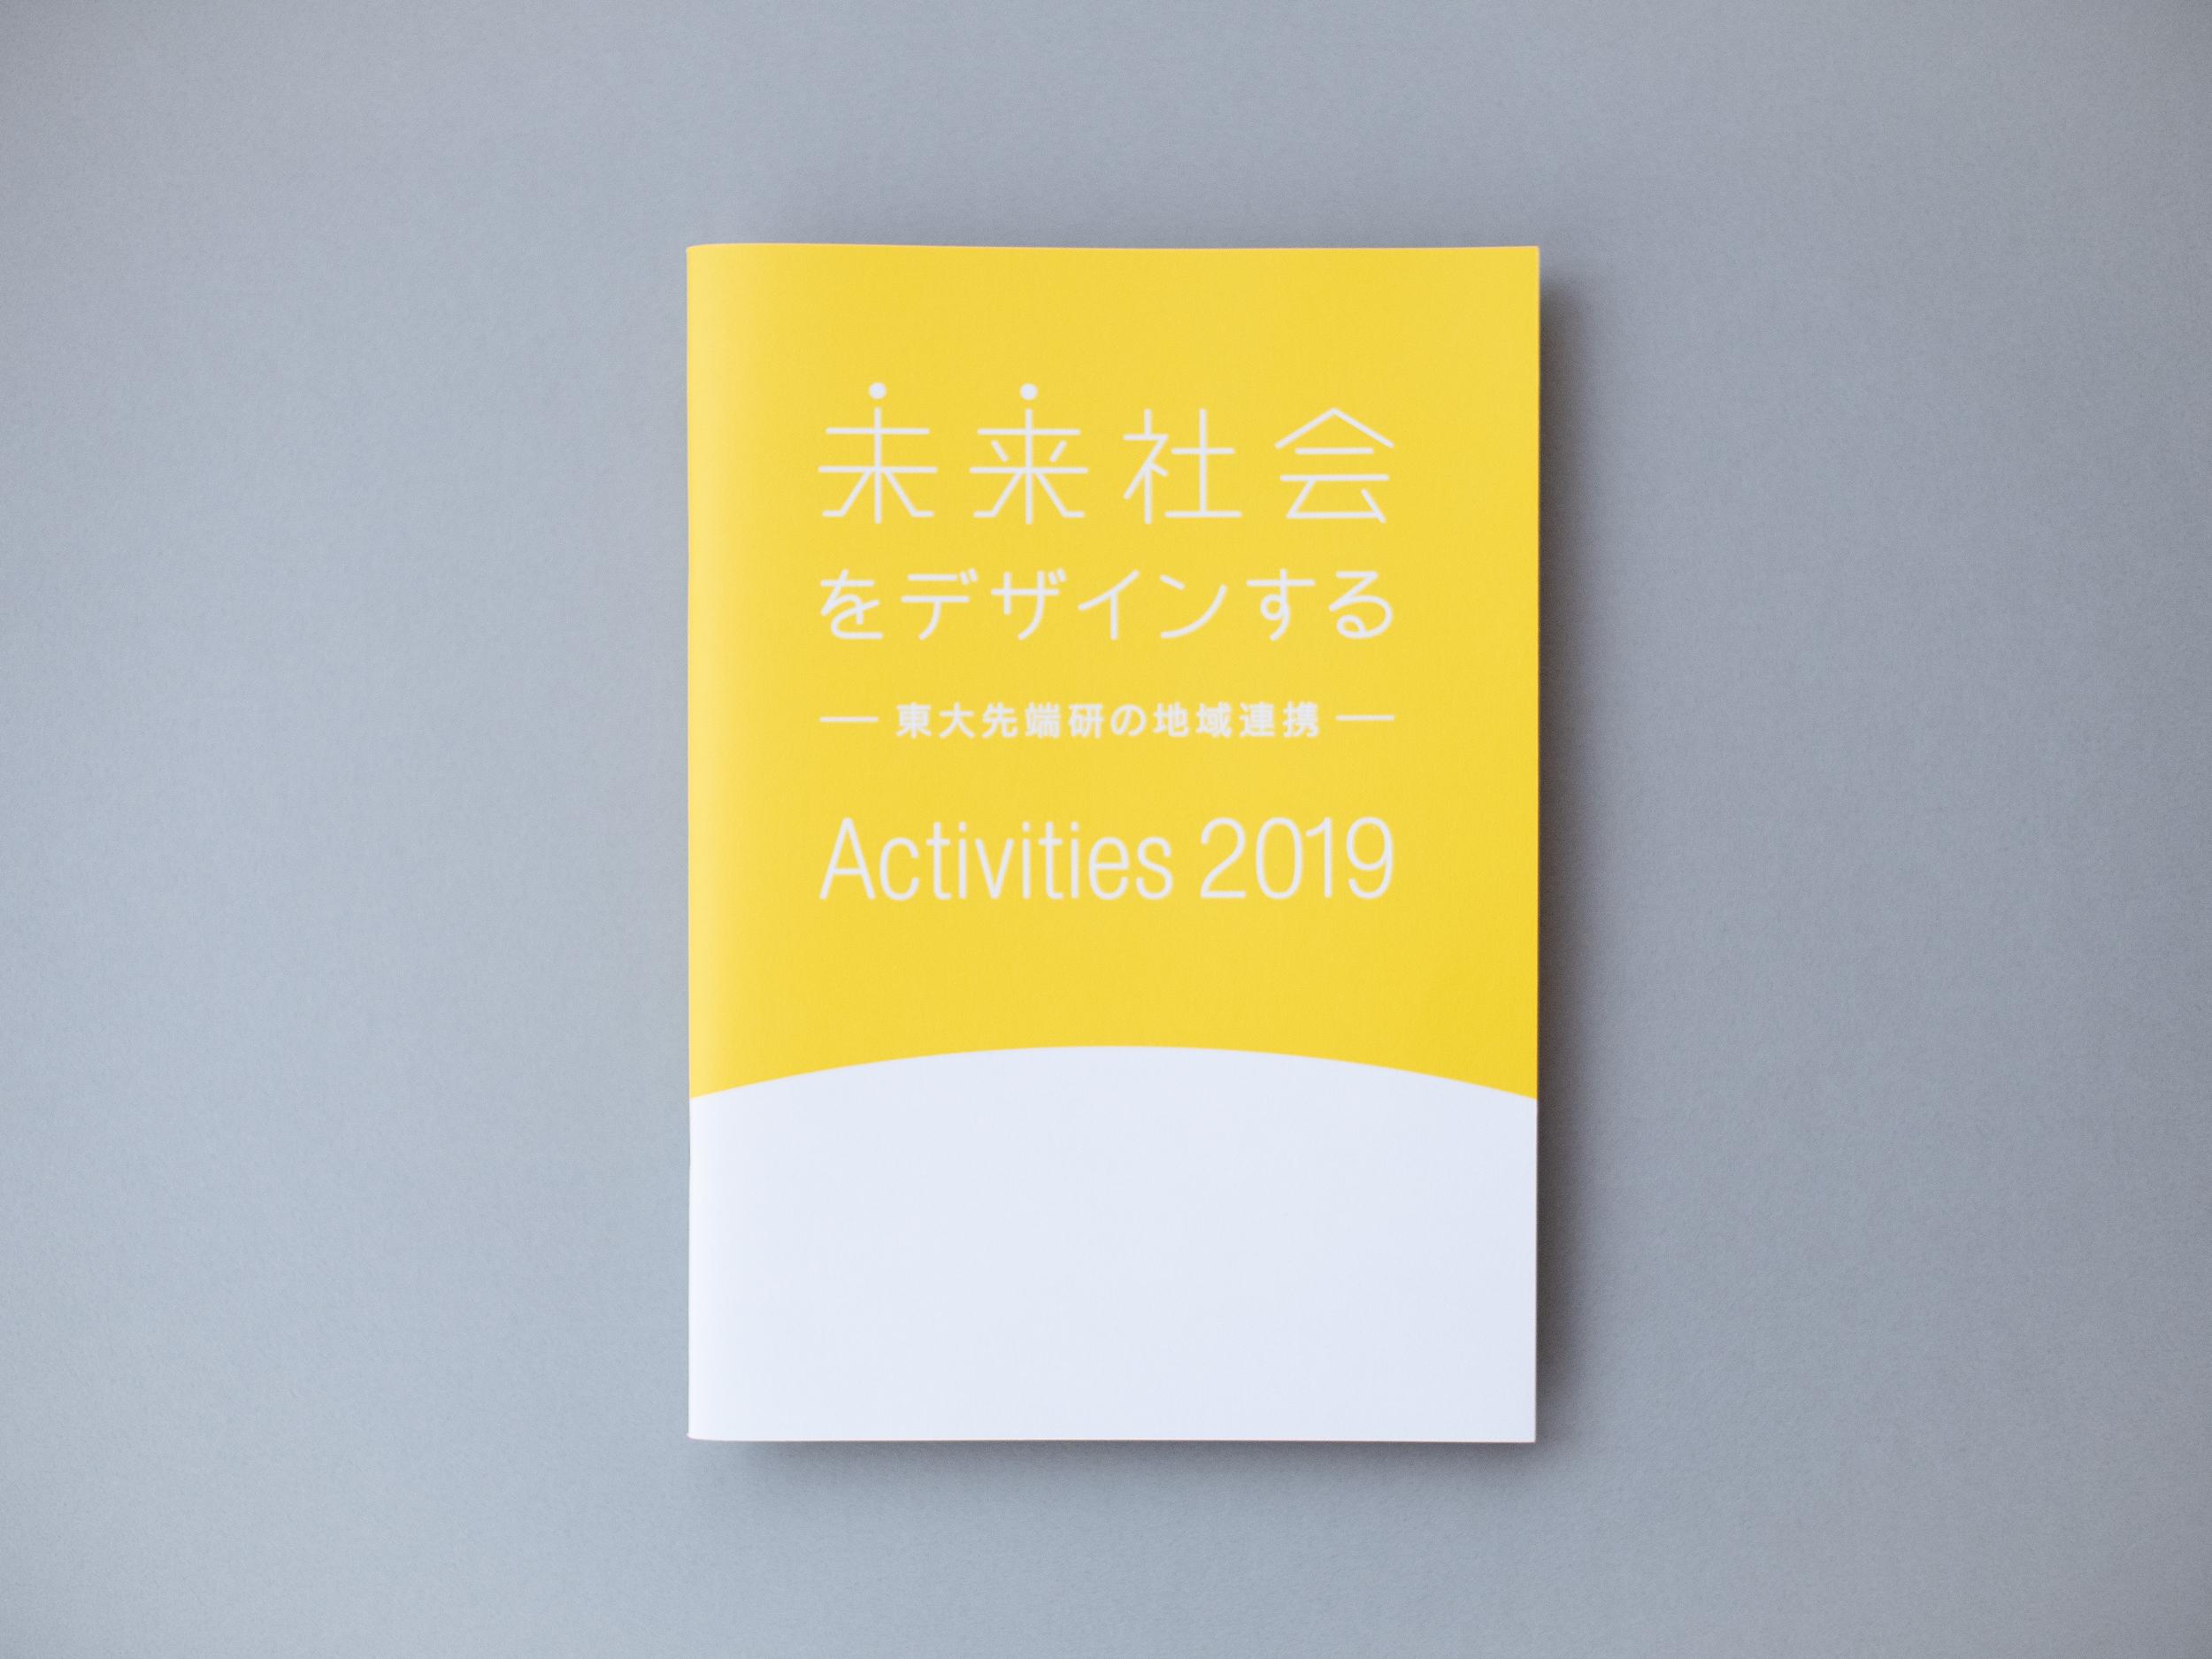 「未来社会をデザインする ―東大先端研の地域連携― Activities 2019」企画編集